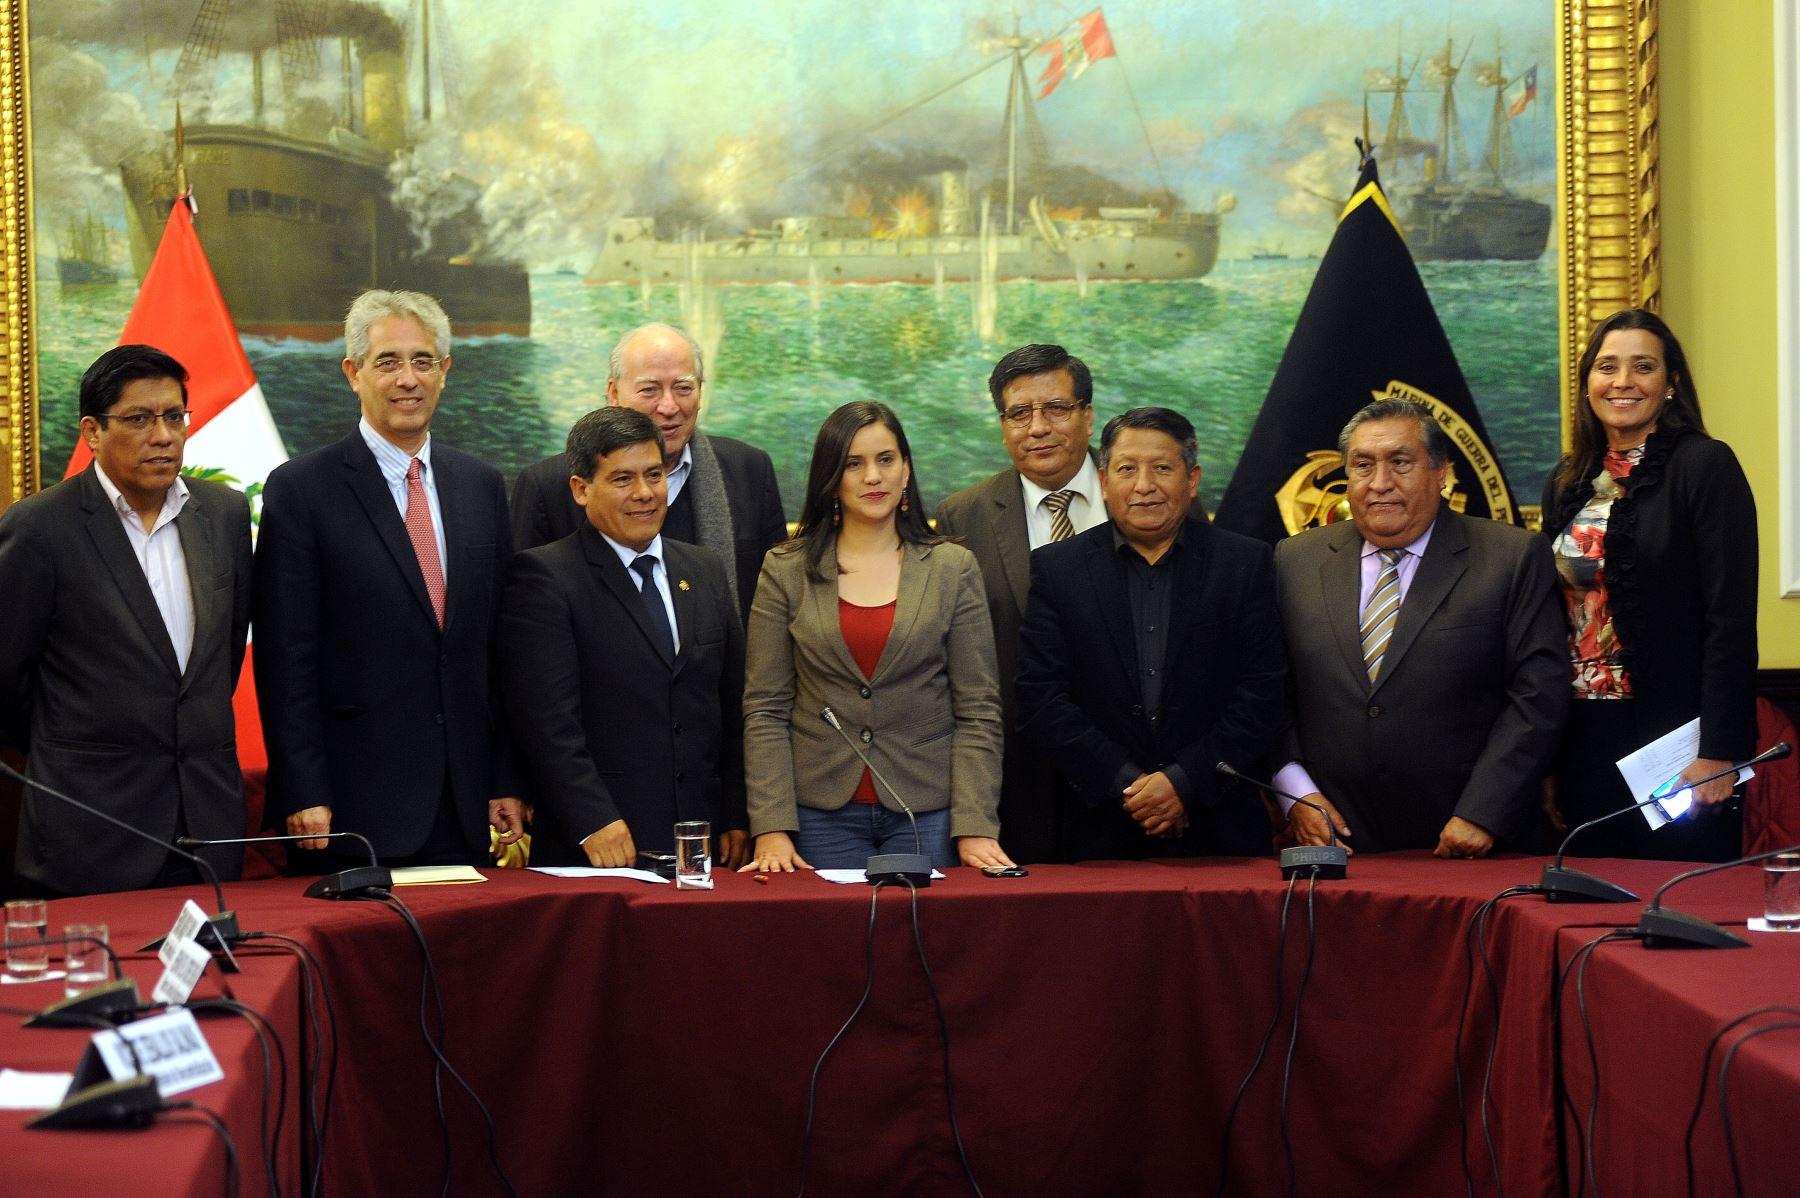 Instalación de la Comisión de Descentralización, cuyos miembros designaron a la legisladora Verónika Mendoza como presidente del grupo de trabajo. Difusión